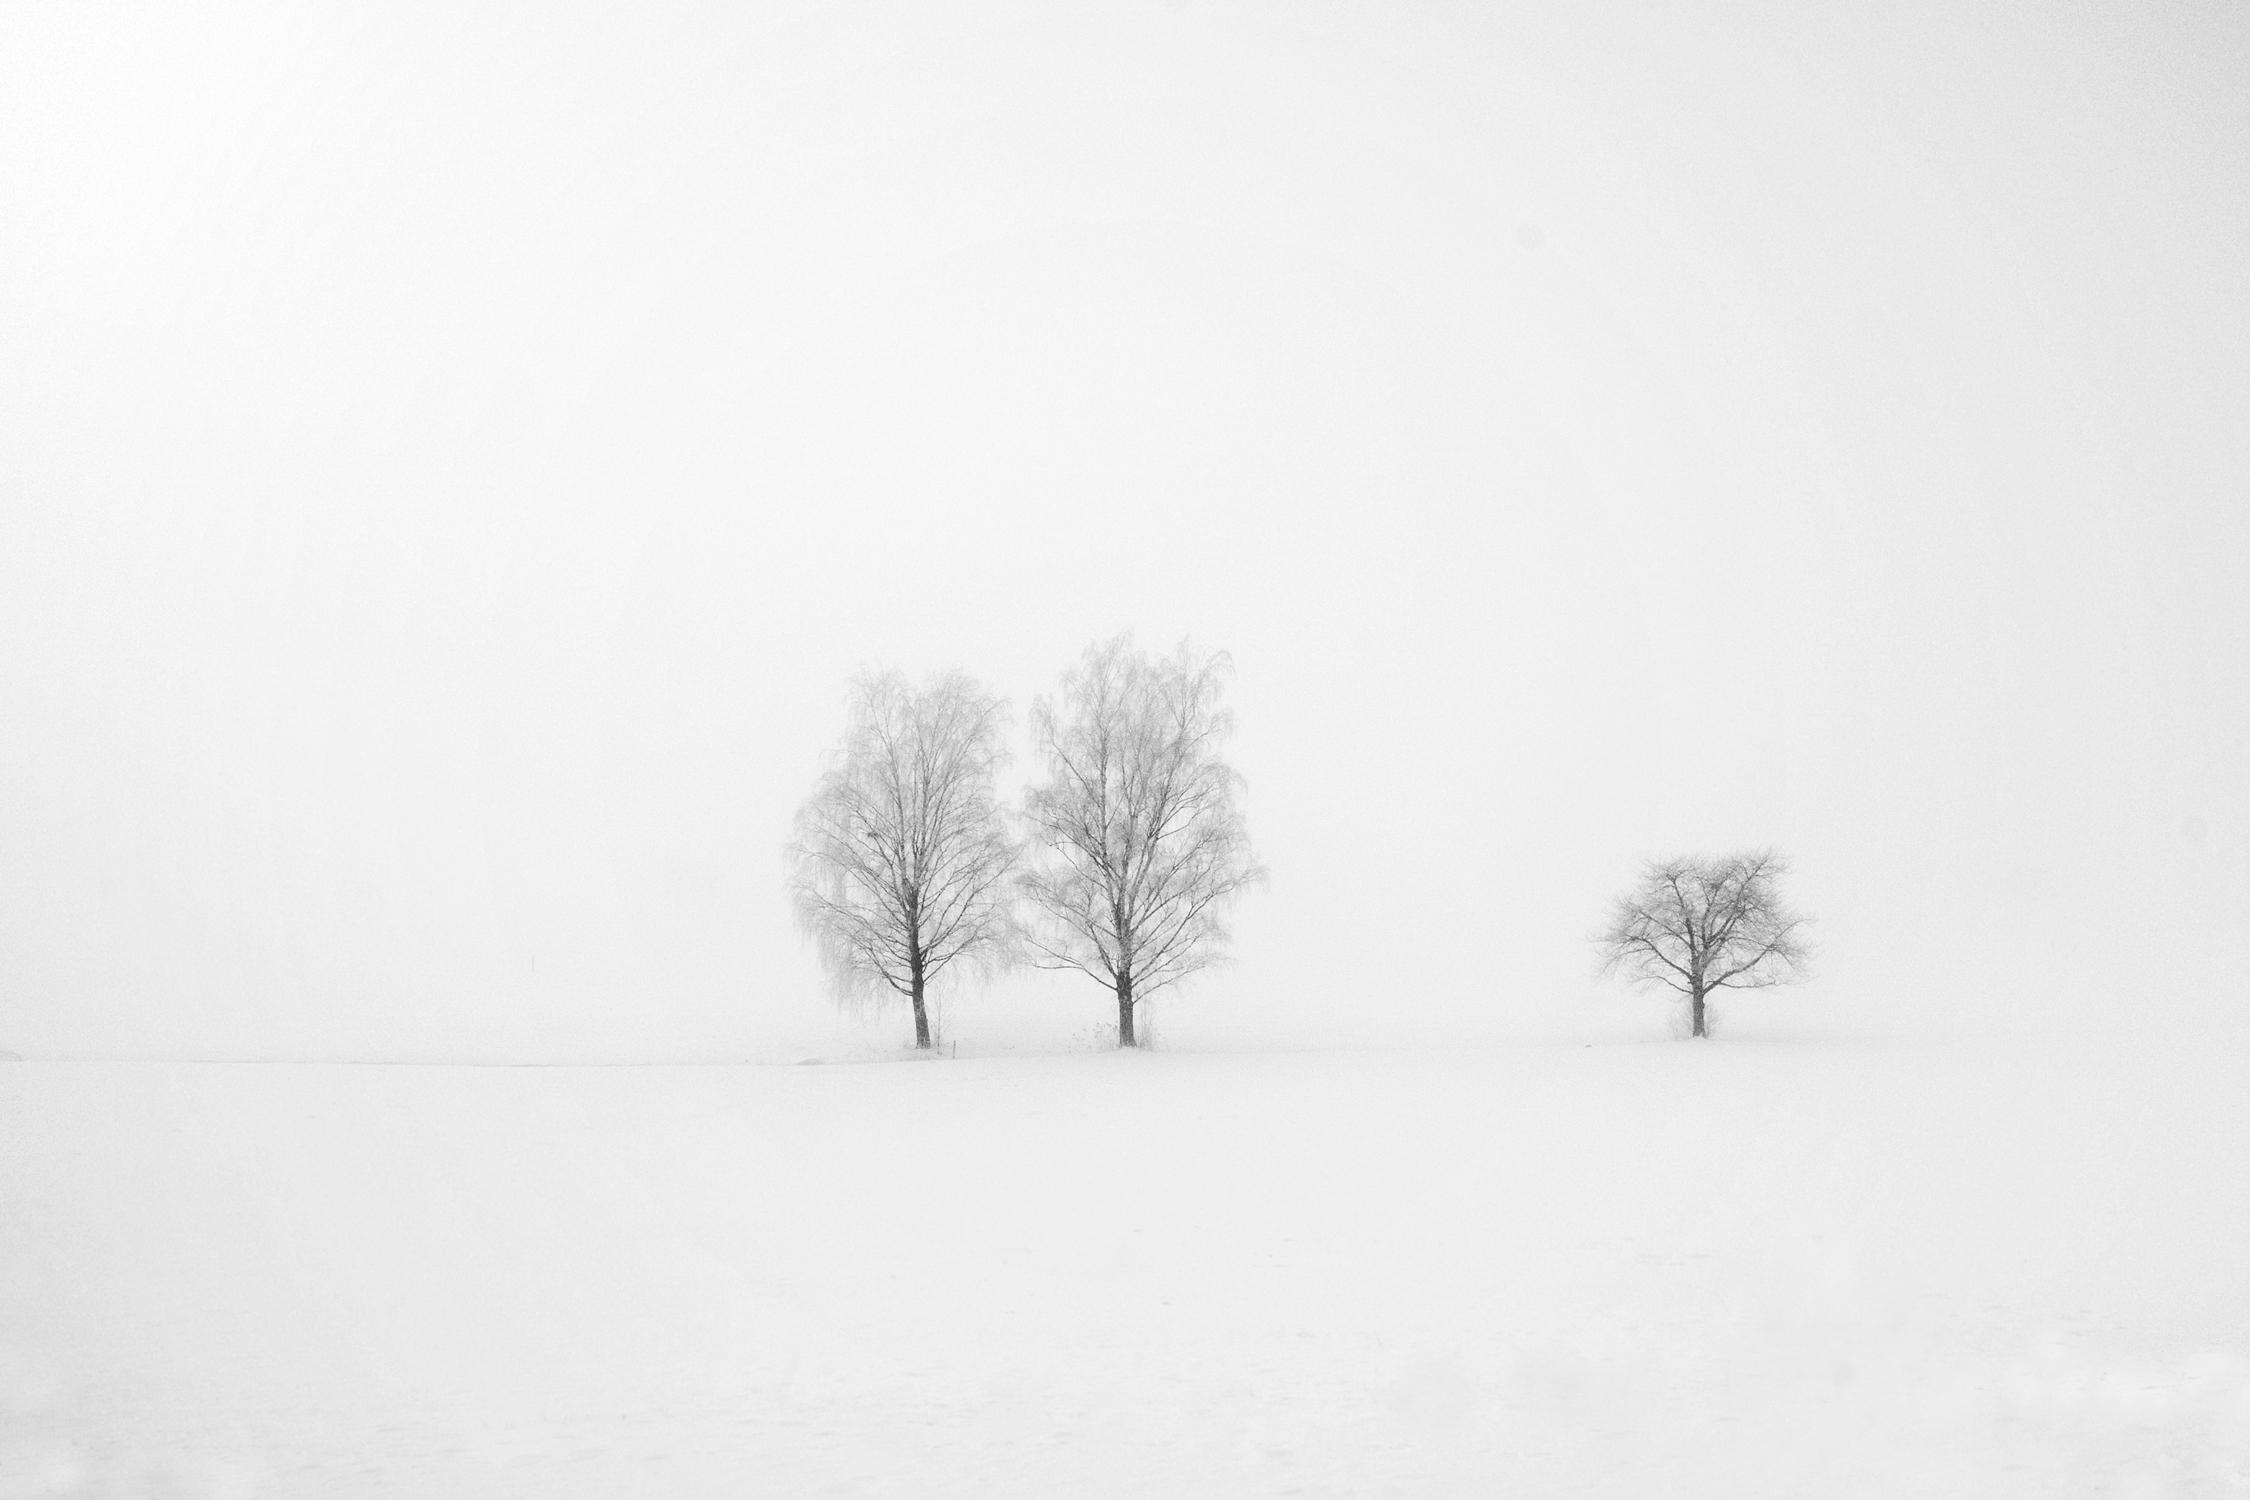 Serie las formas del invierno VII